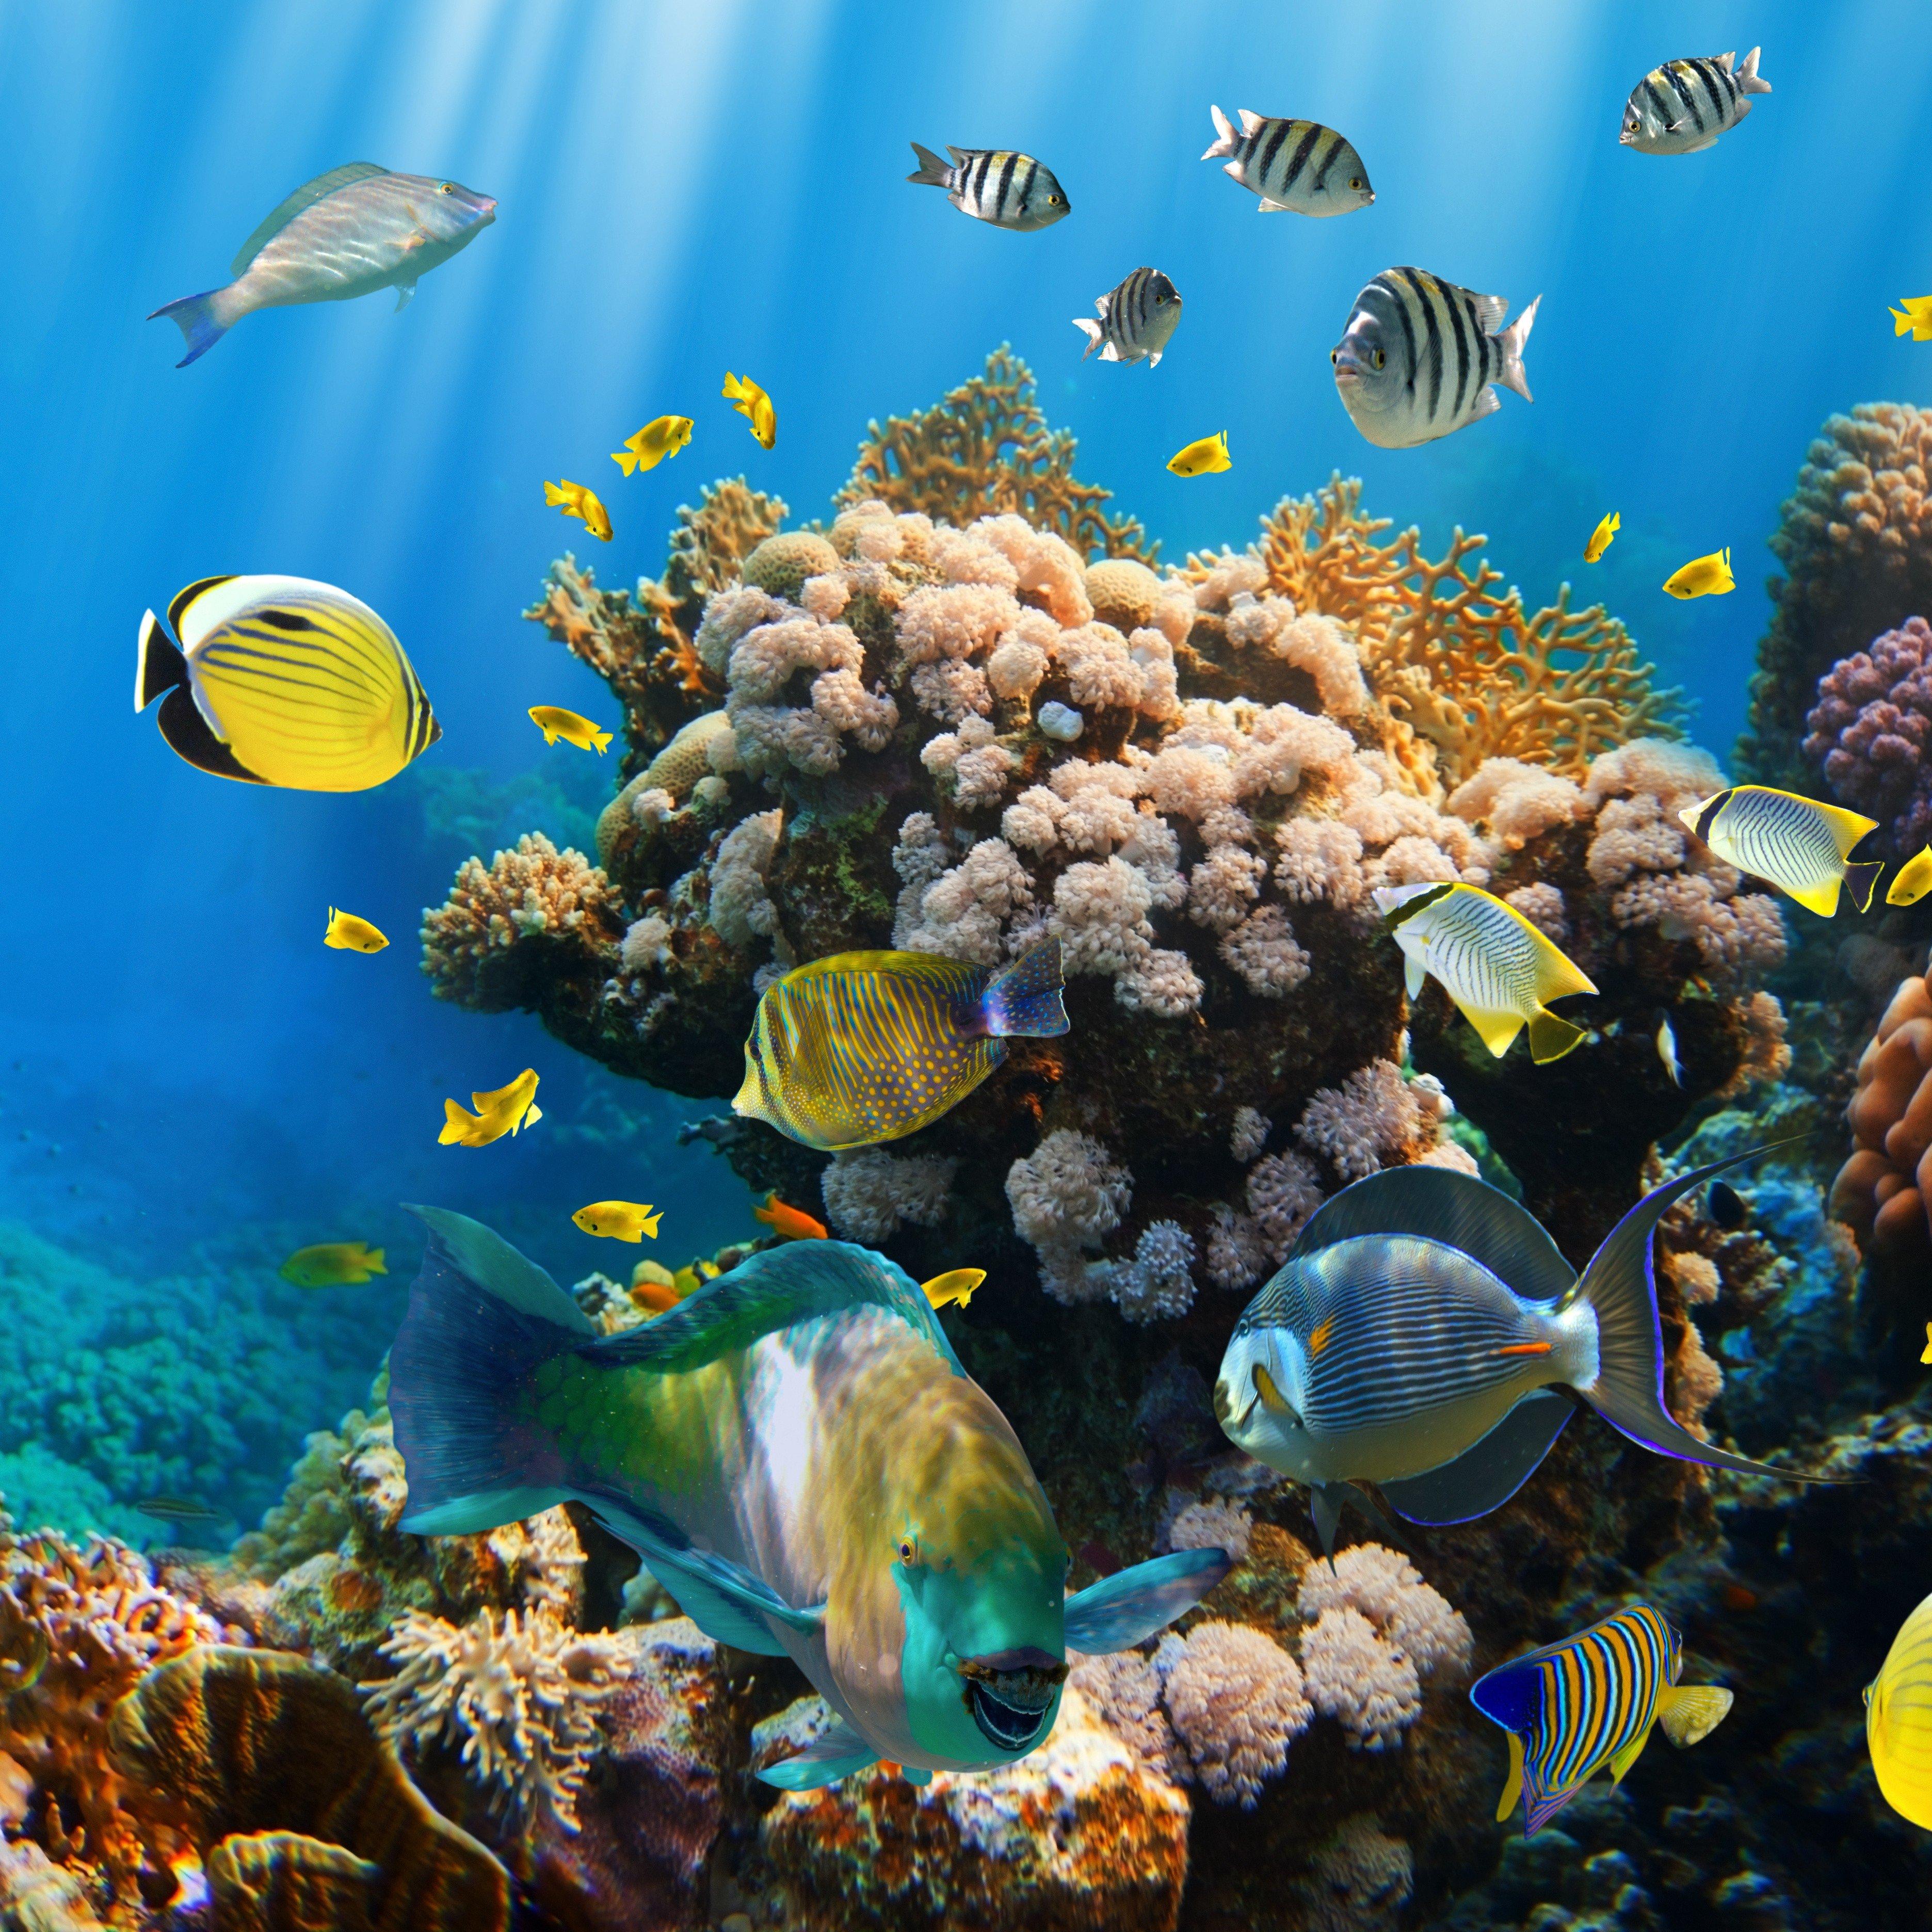 Coral Reef Background: Ocean Reef Wallpaper